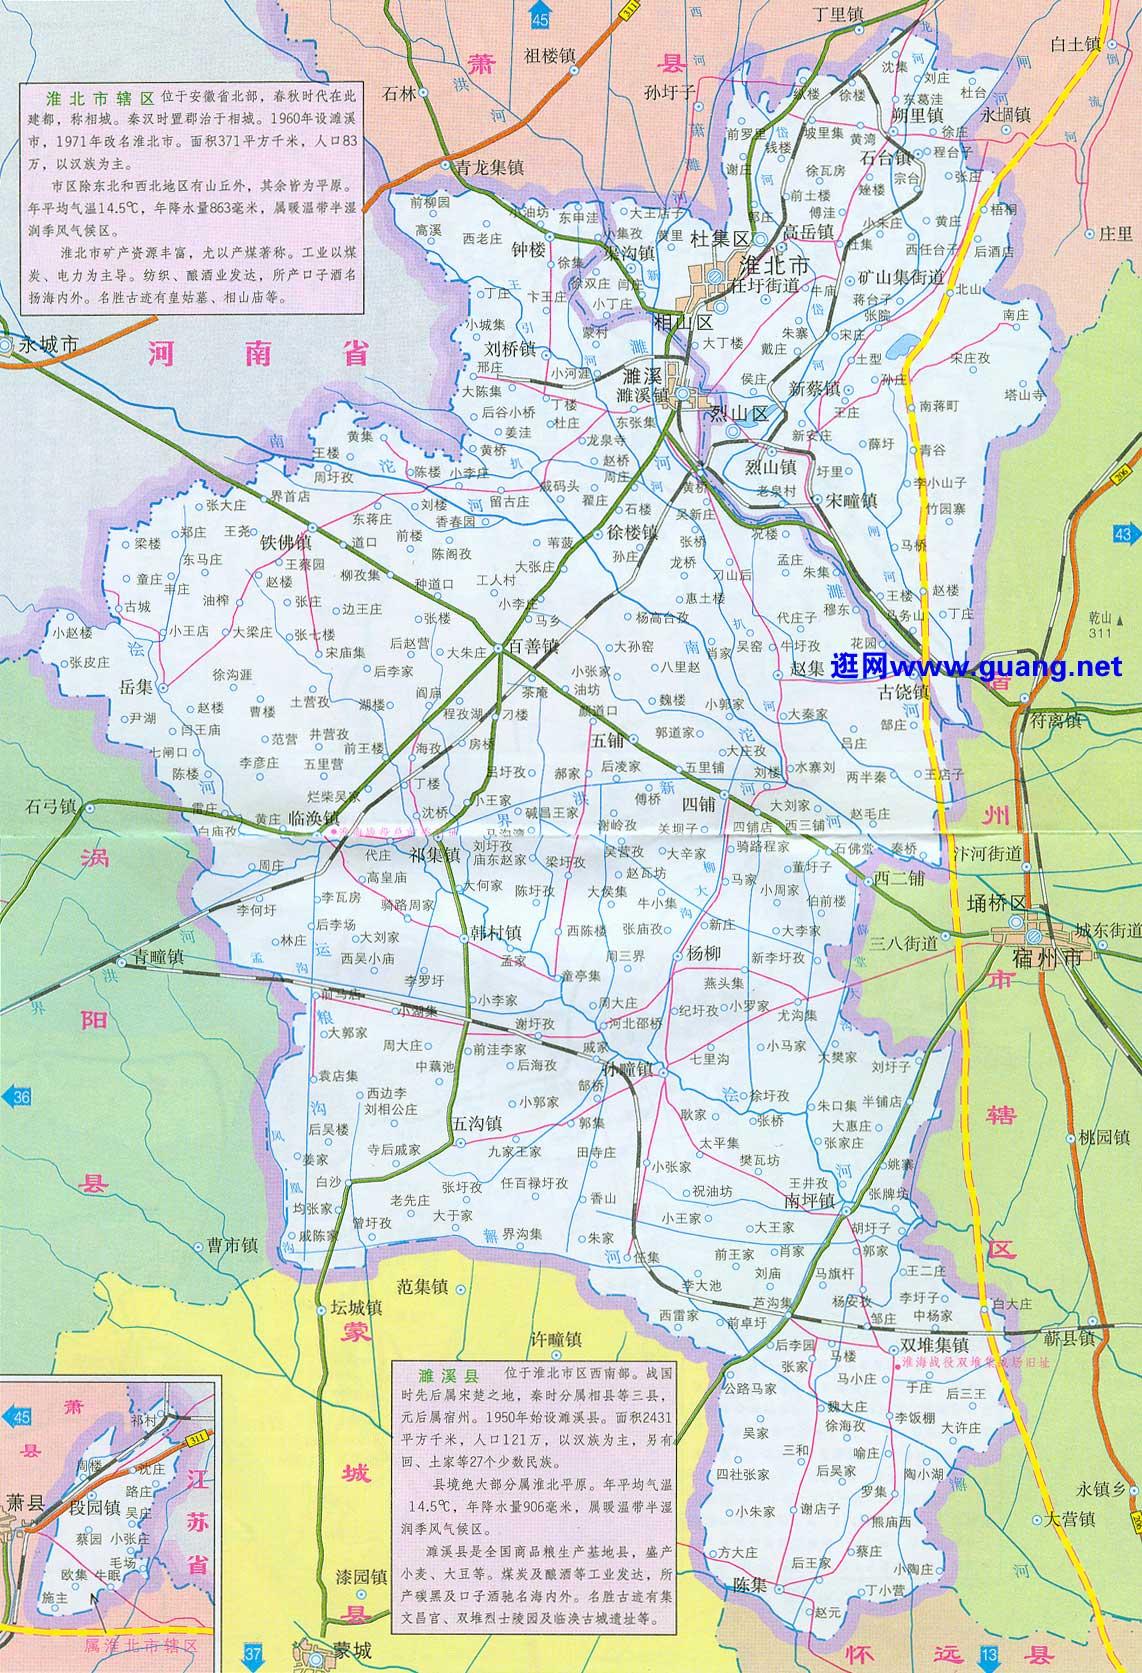 2015年版淮北地图,濉溪地图